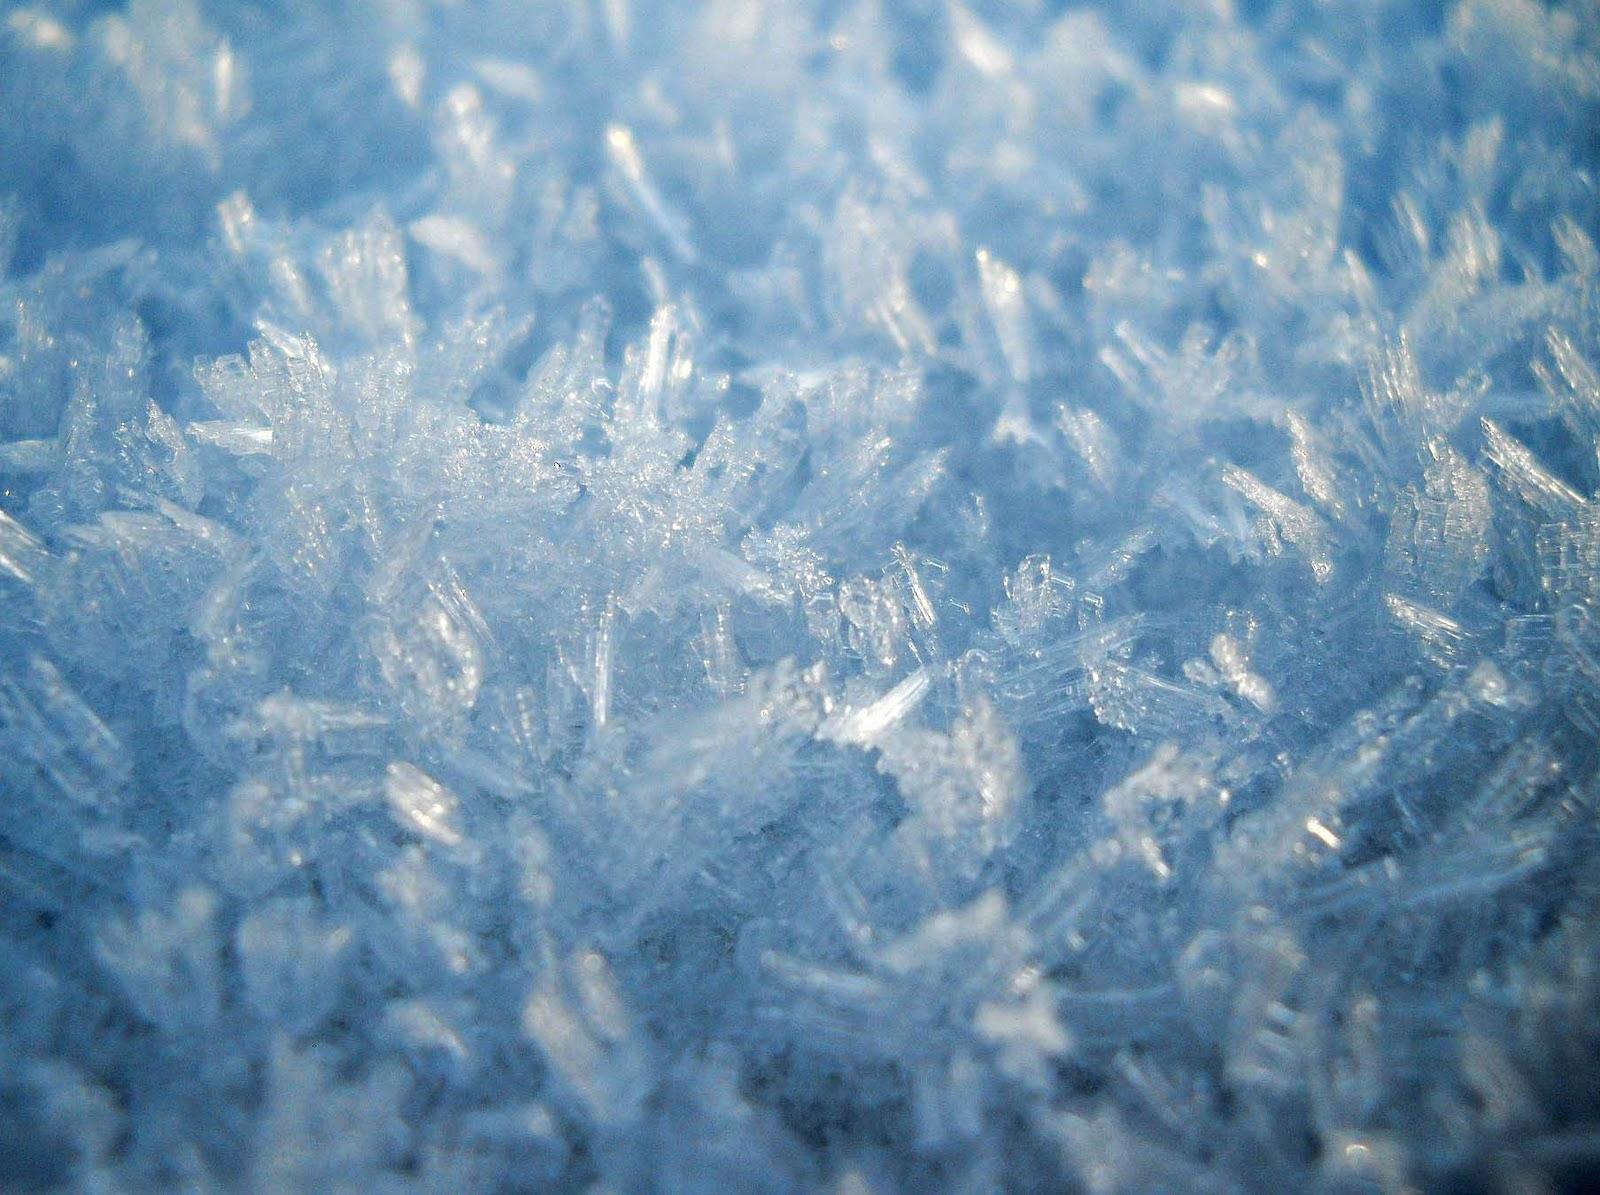 Wallpaper Fall Weather Ice Pellets Meteorologyman